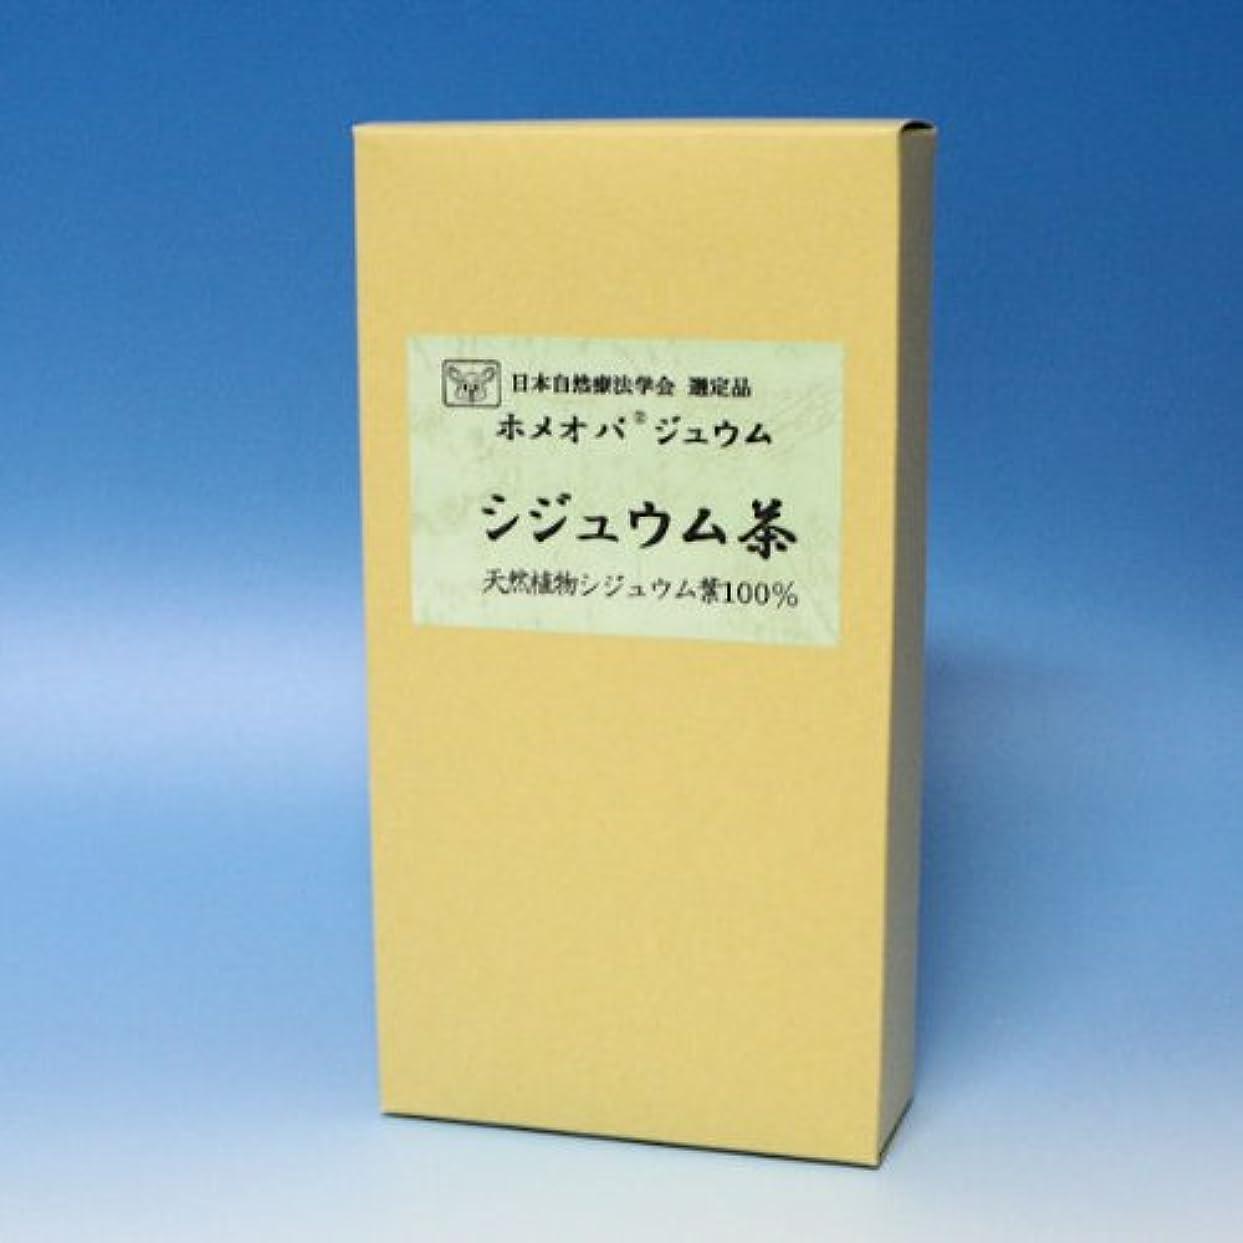 シジュウム茶0.5g×90包